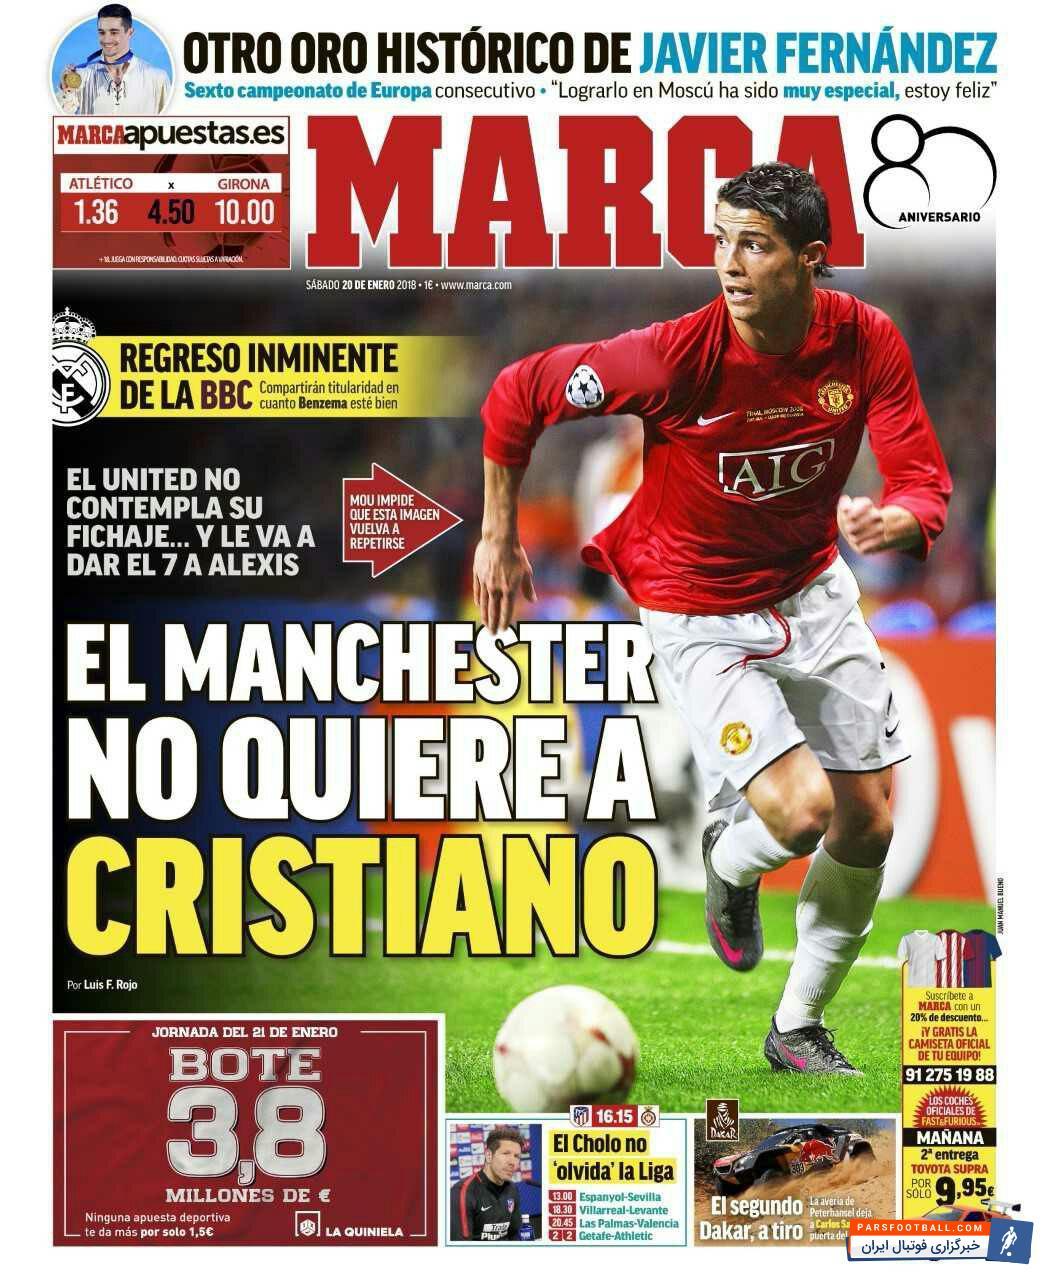 عکس ؛ حضور سانچس در یونایتد برگرداندن رونالدو را منتفی می کند!